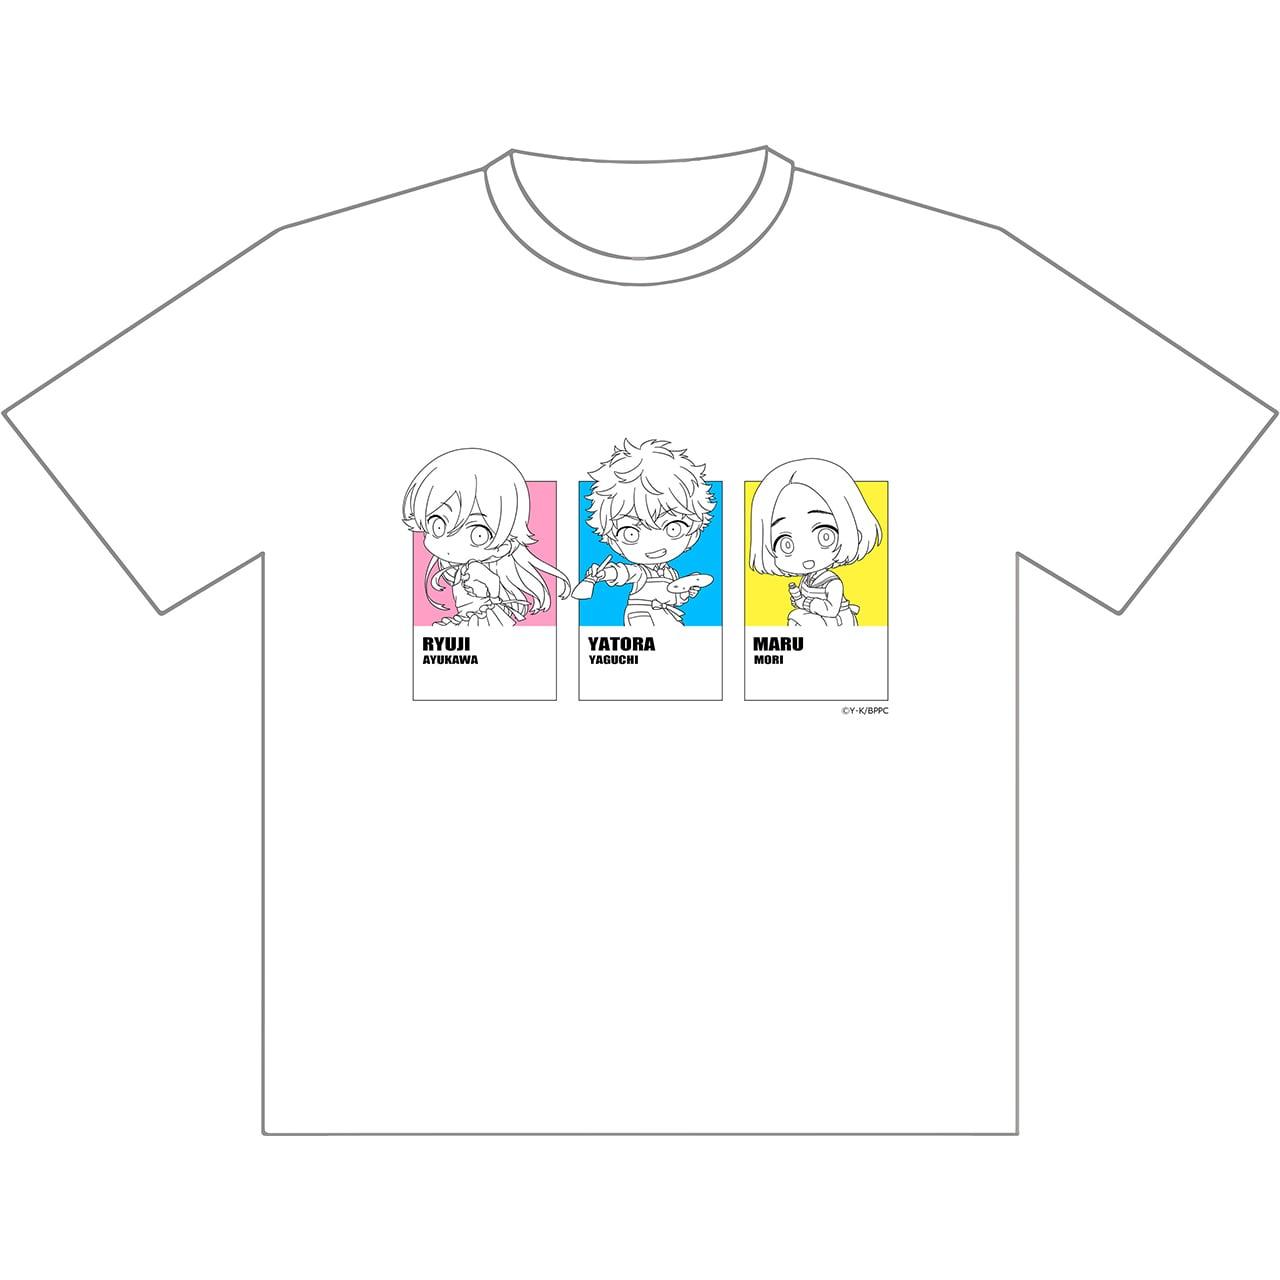 【4589839368018予】ブルーピリオド Tシャツ(矢虎&龍二&まる) M